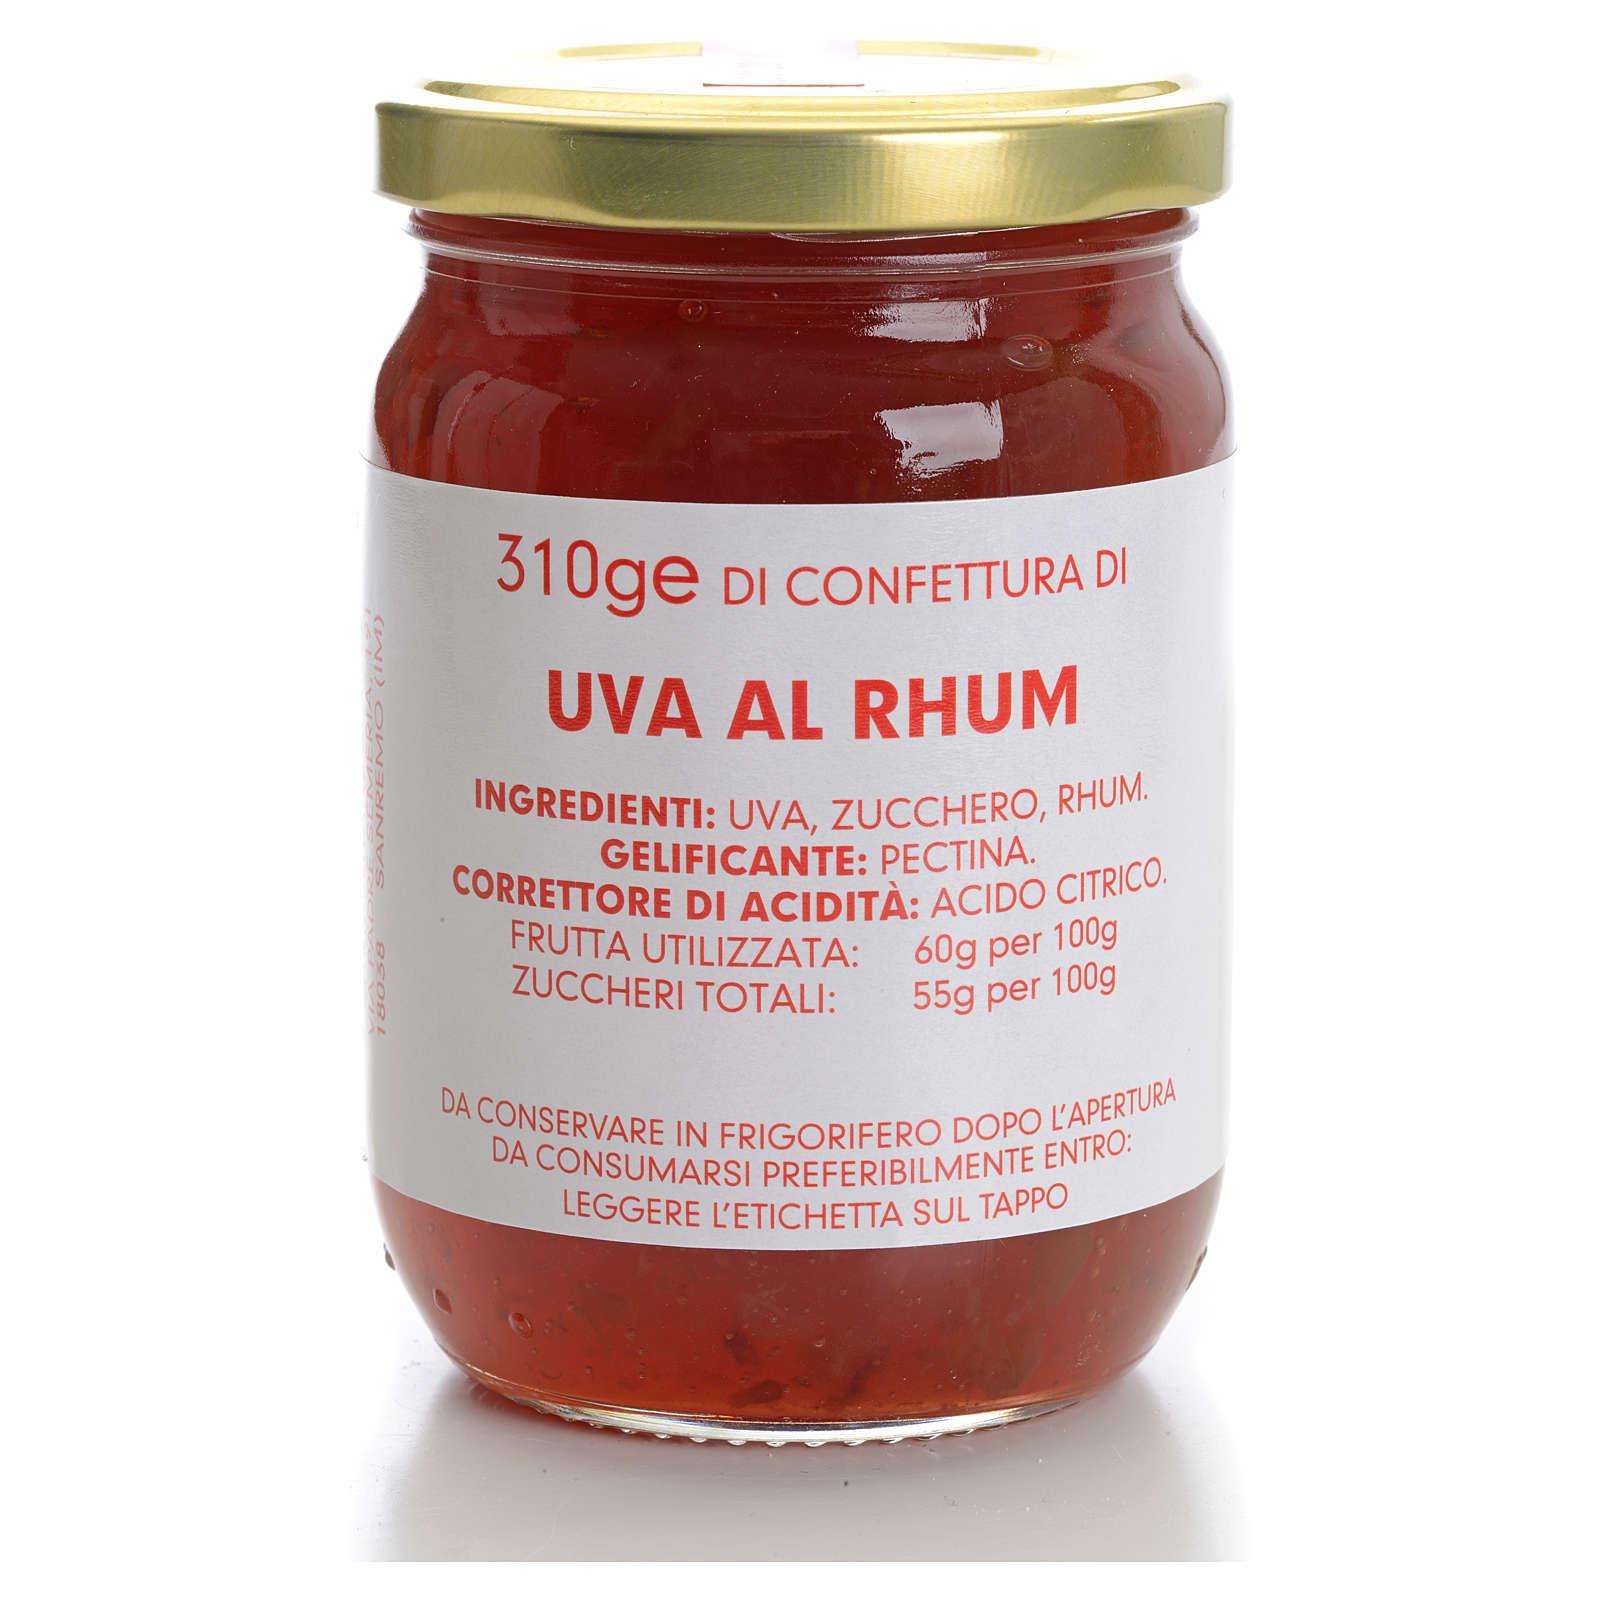 Confettura uva al rhum 310 gr Monastero Carmelitane 3